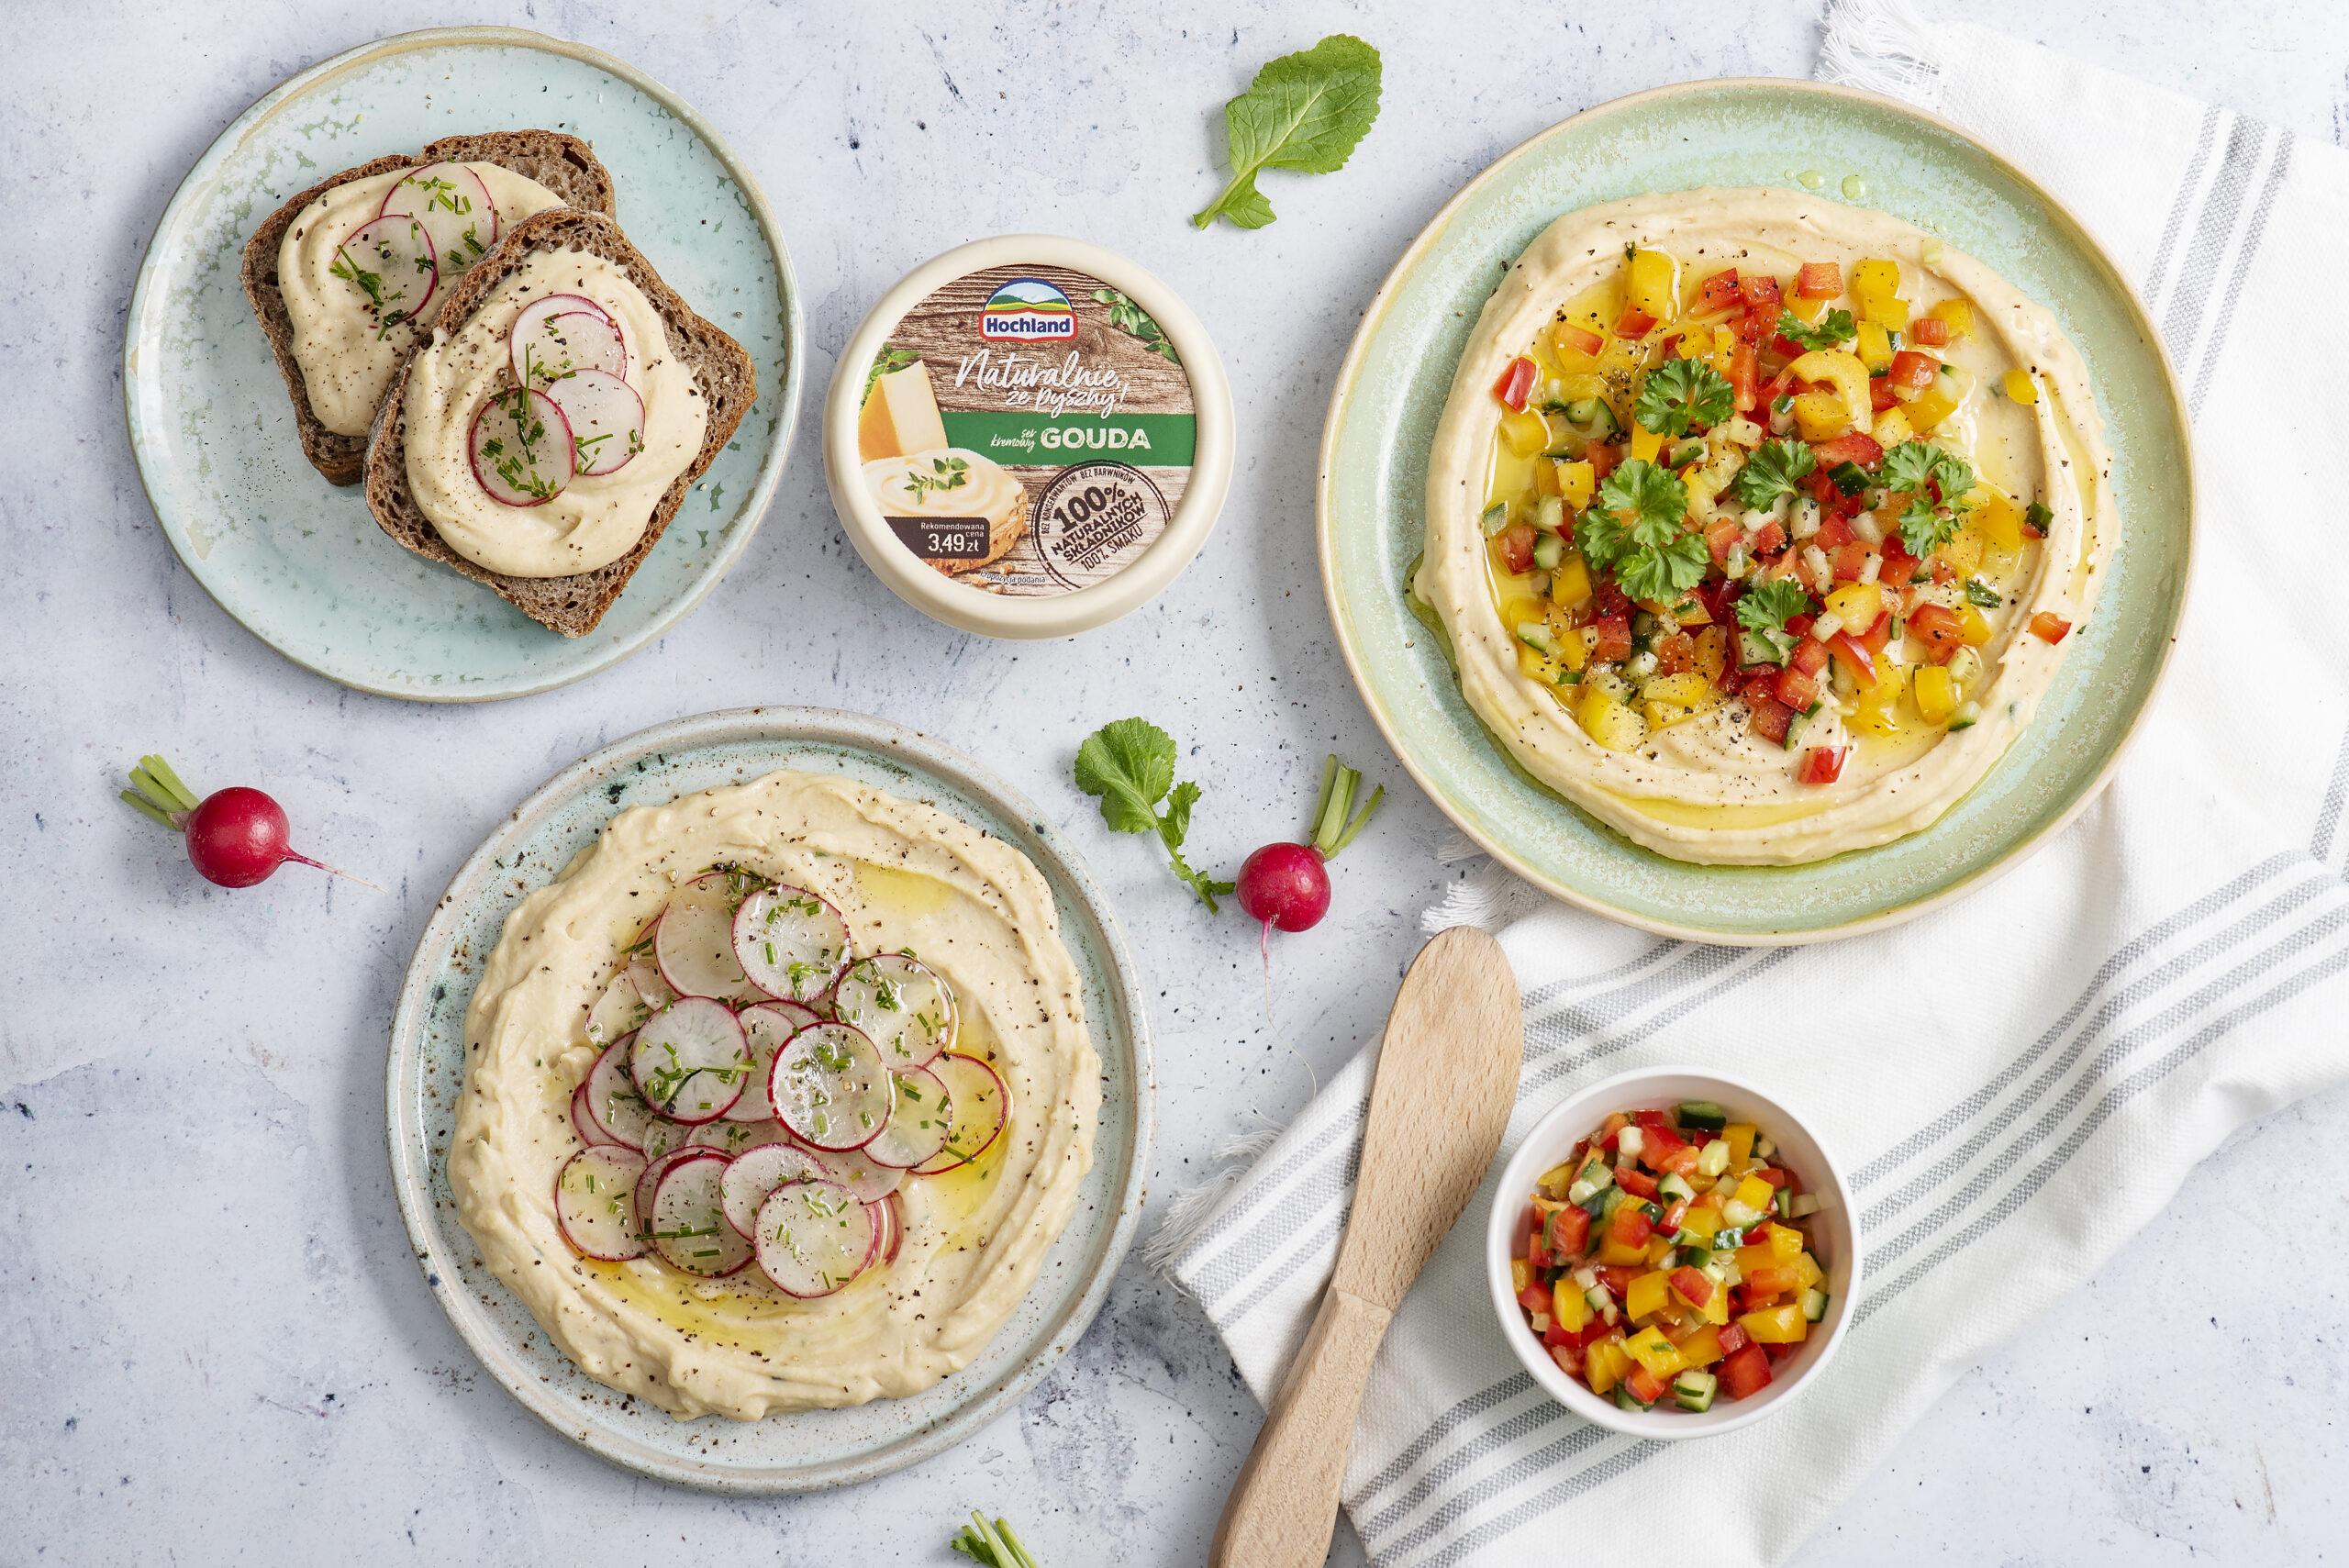 Serowy hummus z sałatką ze świeżego ogórka i papryki lub rzodkiewką i szczypiorkiem